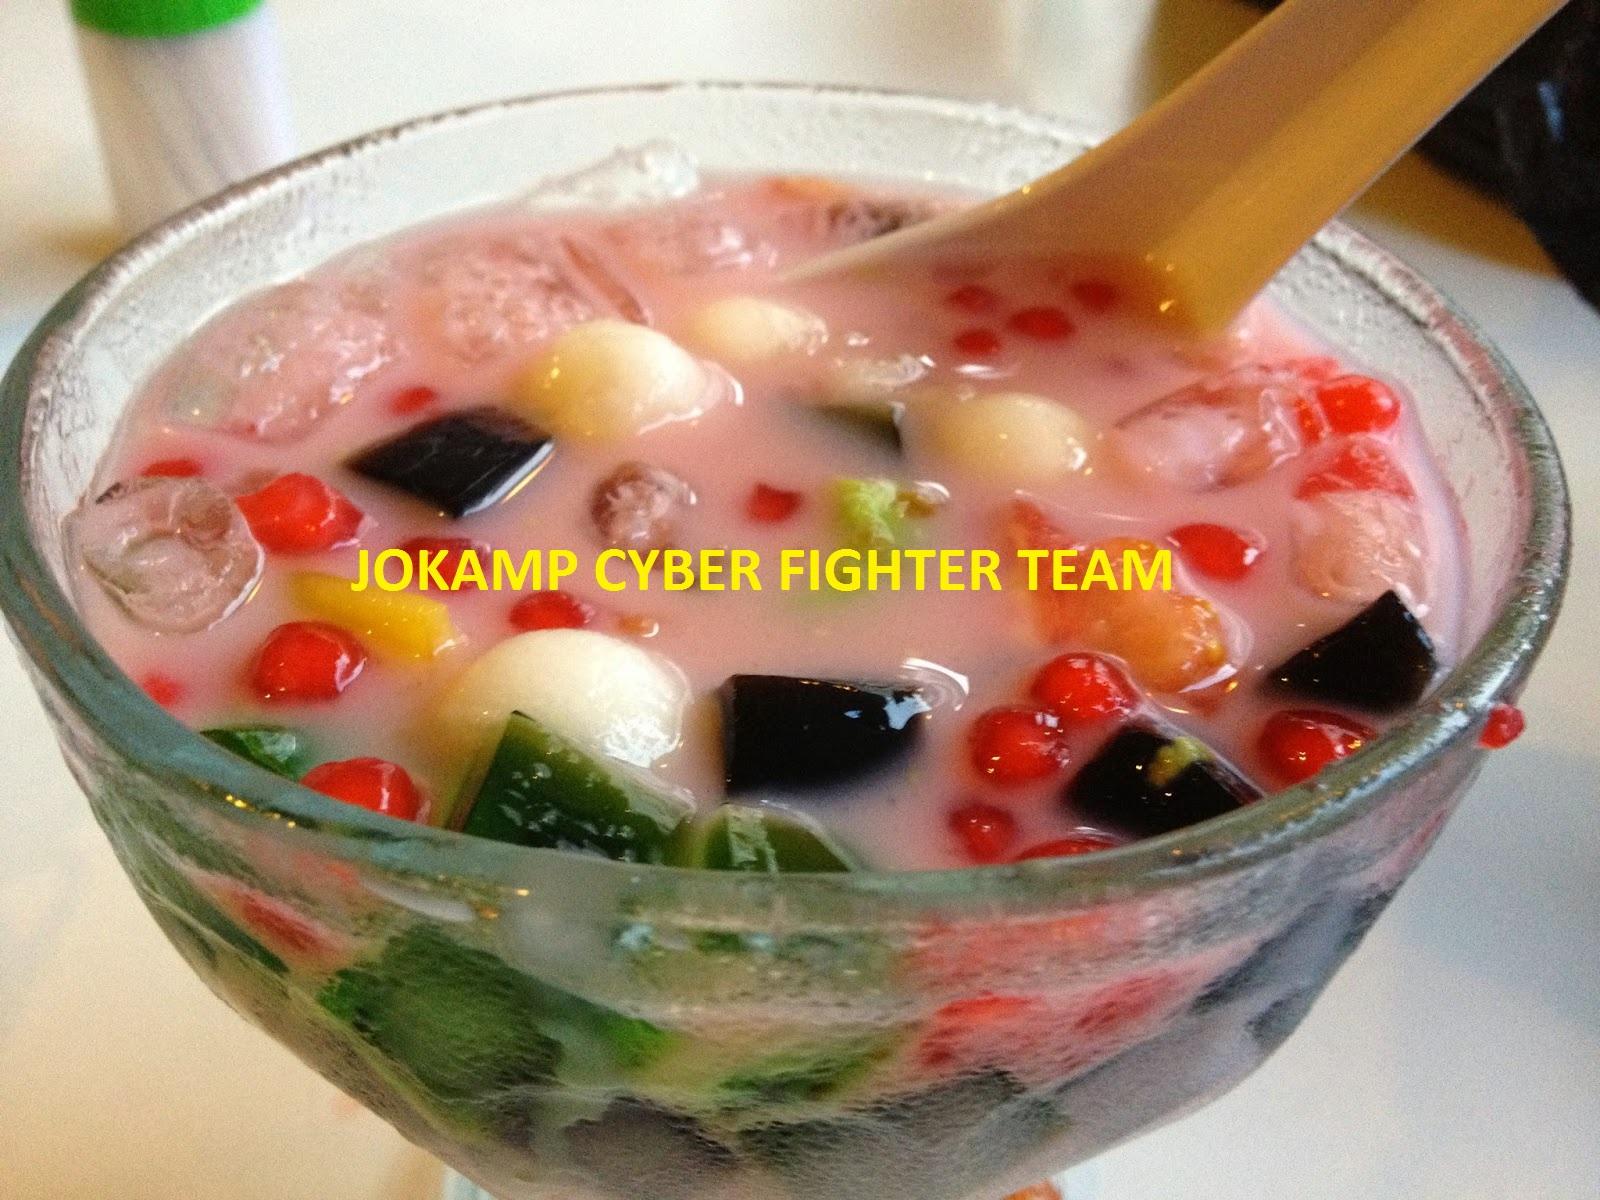 Resep Es Campur Yang Enak Dan Manis - JOKAMP CYBER FIGHTER ...